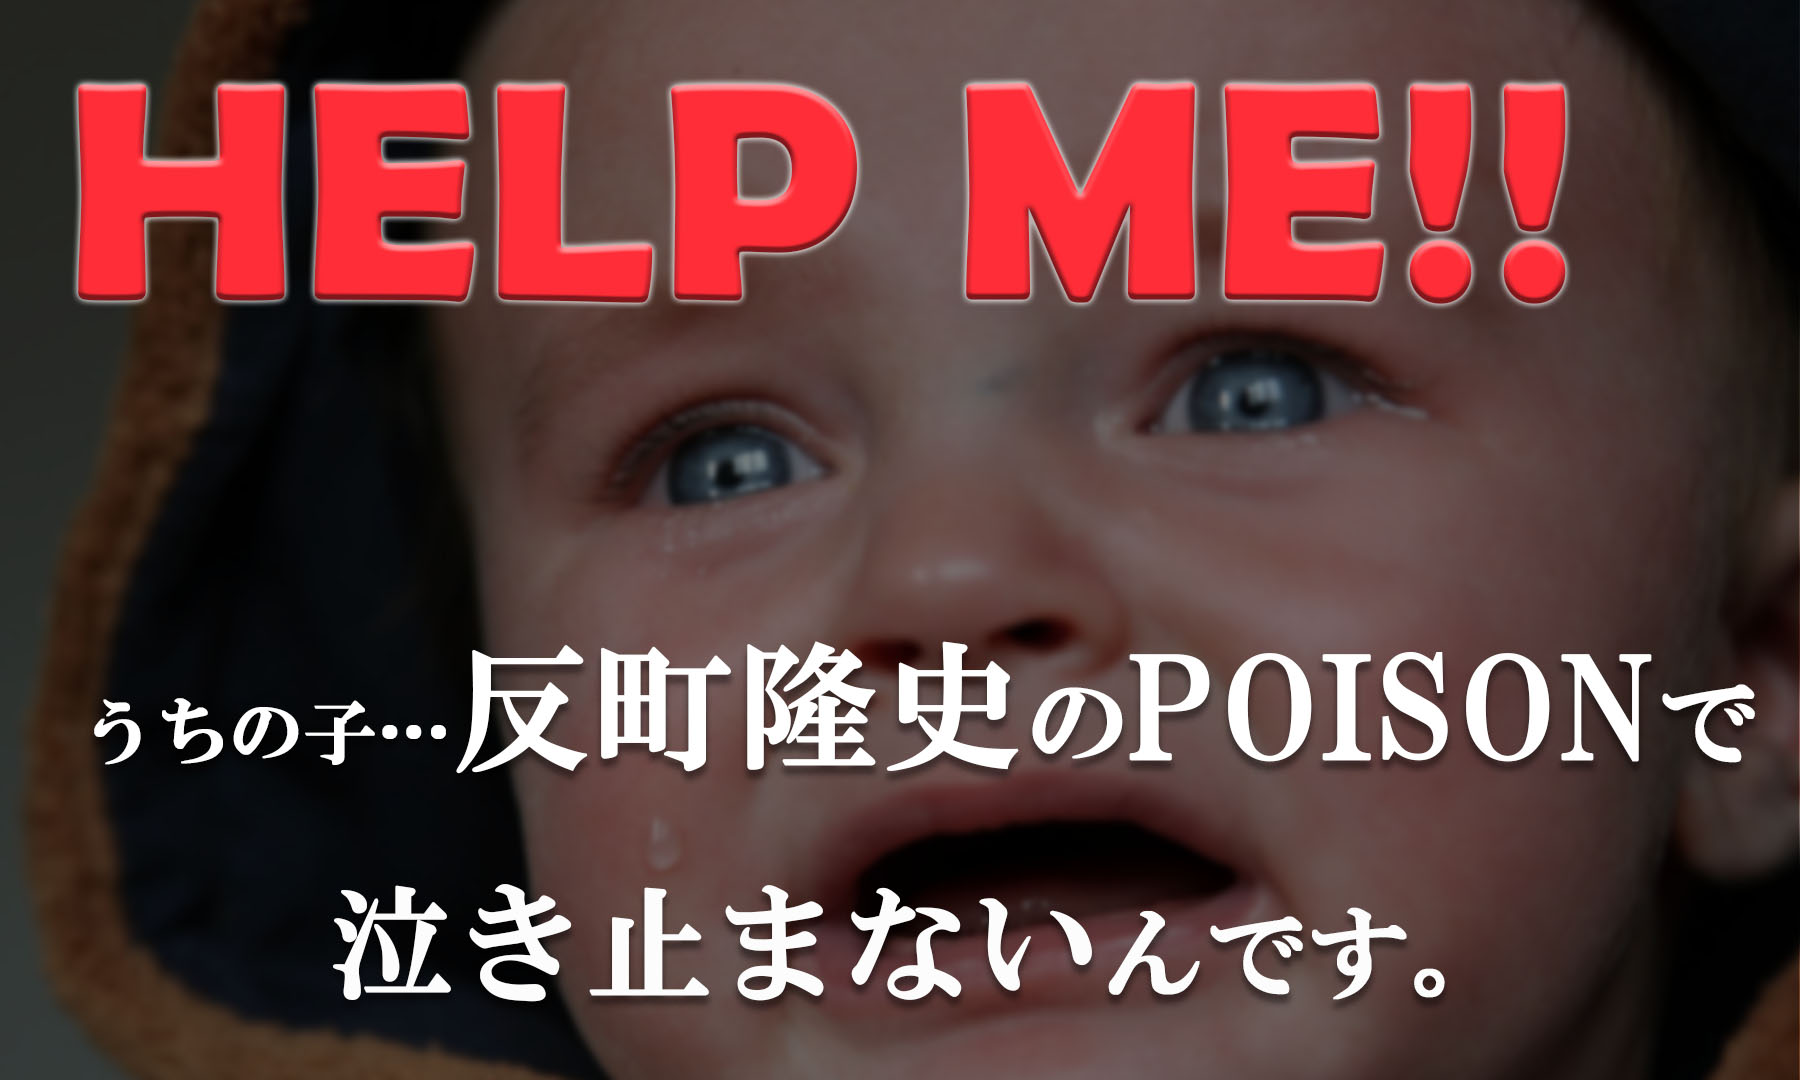 反町のPOISONで泣き止まない赤ちゃんにはコレ!泣き止む曲4選